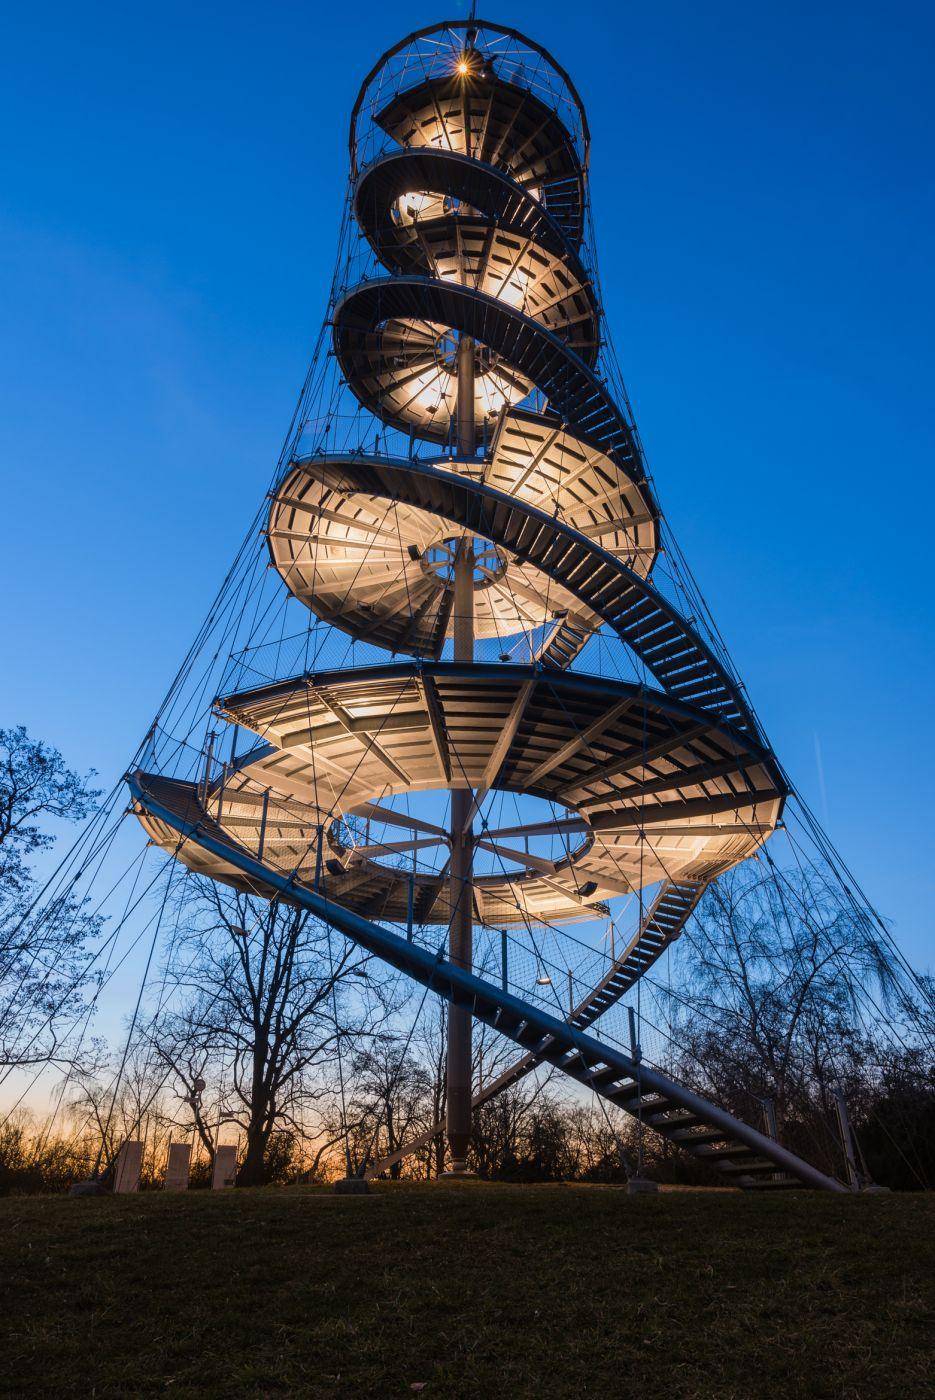 Killesbergpark Stuttgart, Germany